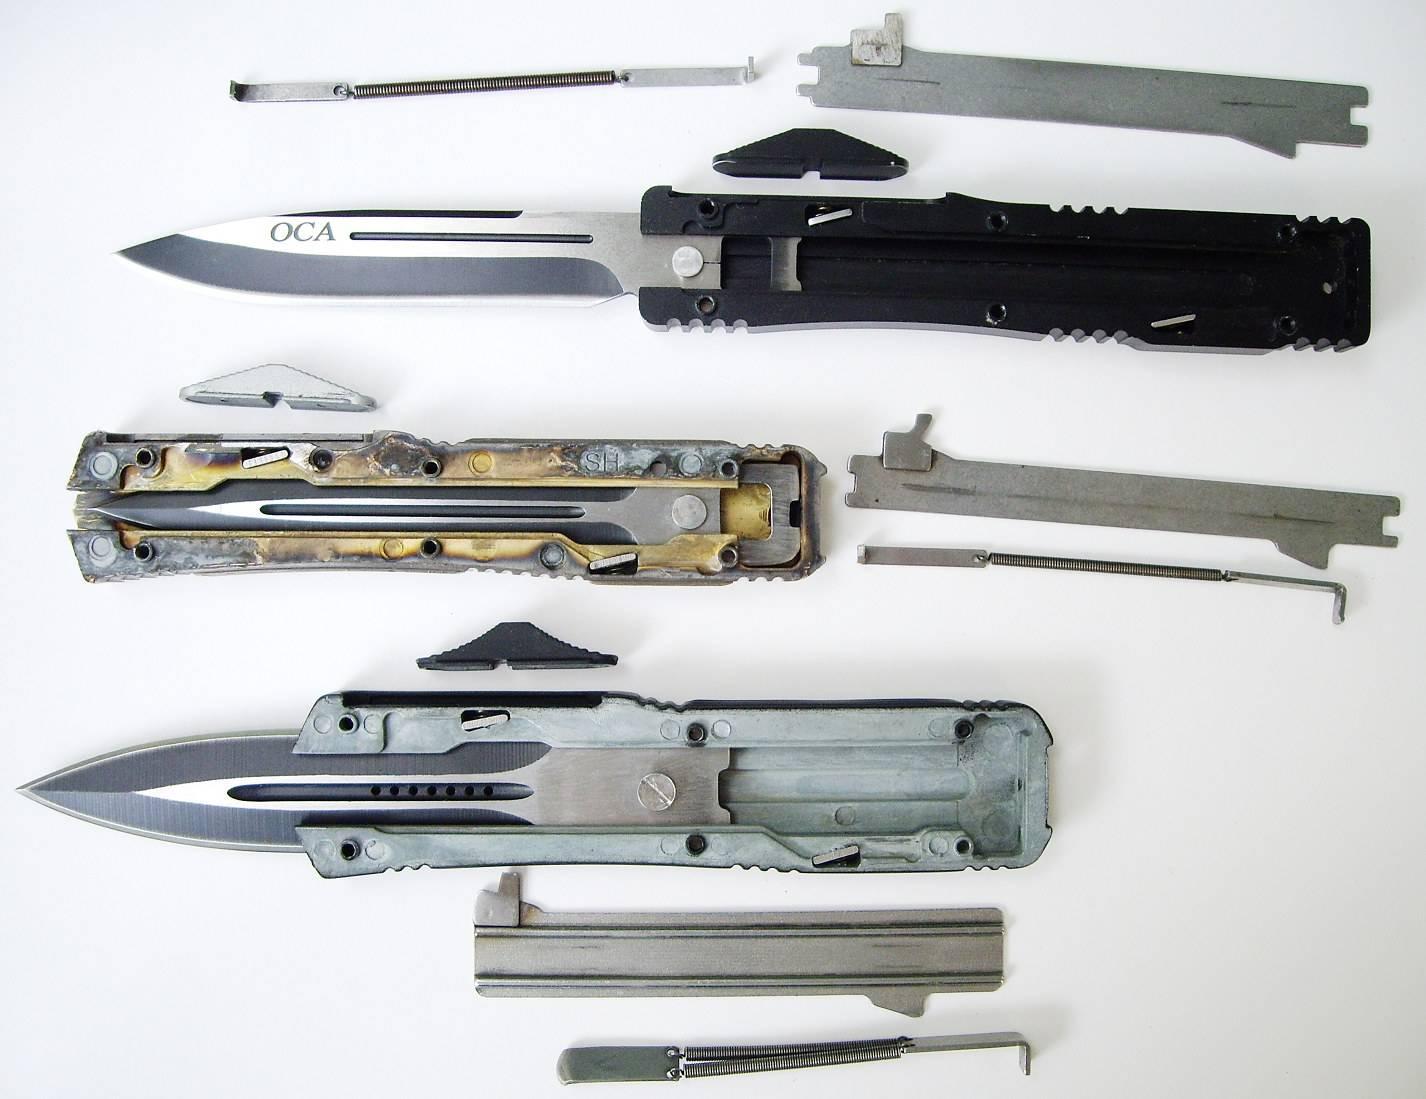 Ножи выкидные своими руками. нож автоматический выкидной: характеристики и отзывы. чертежи складных ножей, которые можно сделать в домашних условиях самостоятельно